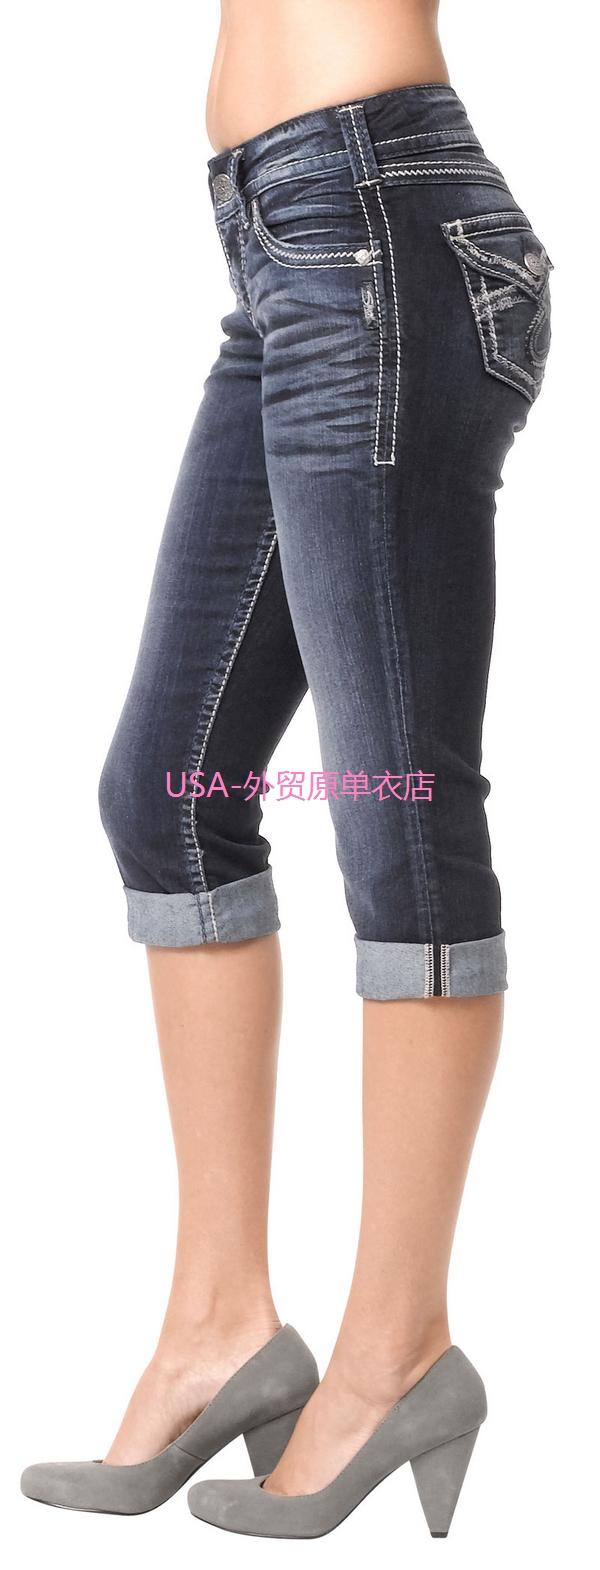 Designer Skinny Jeans For Women